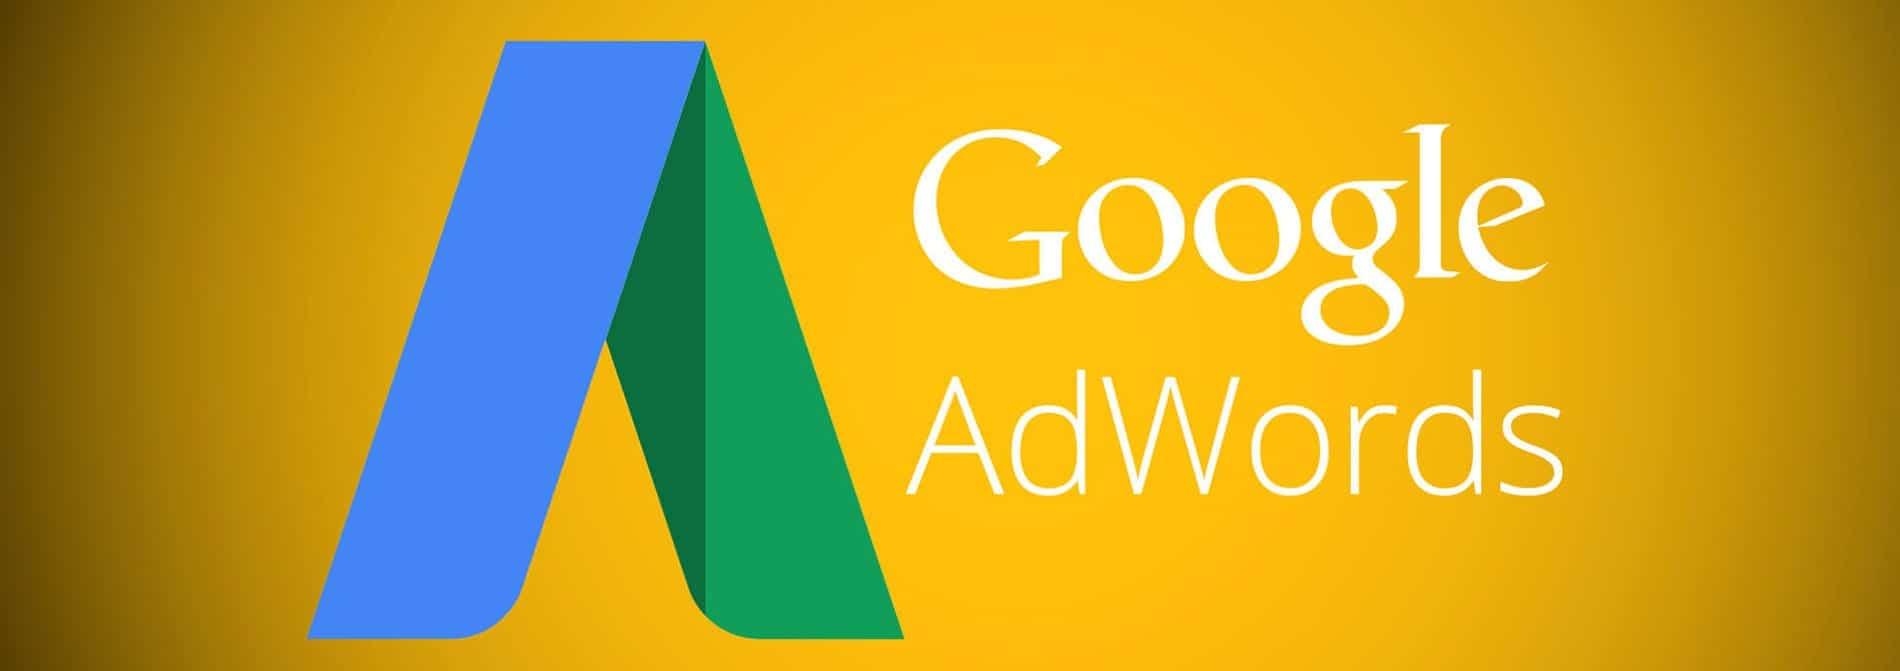 شرح خدمة اعلانات جوجل ادورد المدفوعة واعلانات السيو المجانية للمبتدئين